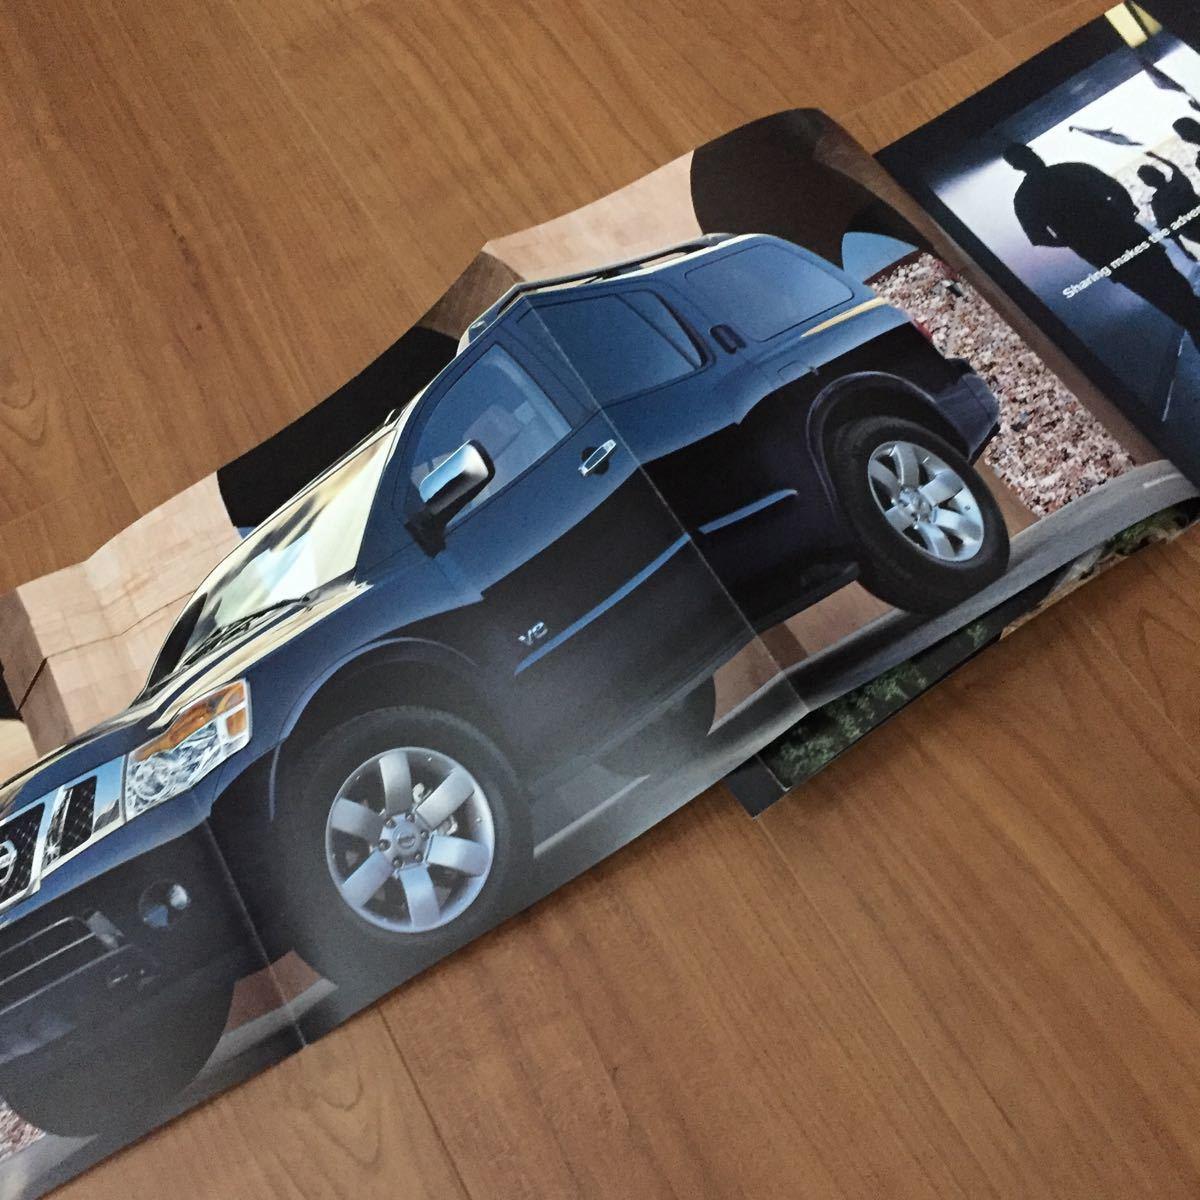 2008 日産 ニッサン アルマーダ Armada アルマダ カタログ USA アメリカ 雑貨 SUV 逆輸入 インフィニティ 広告_画像4